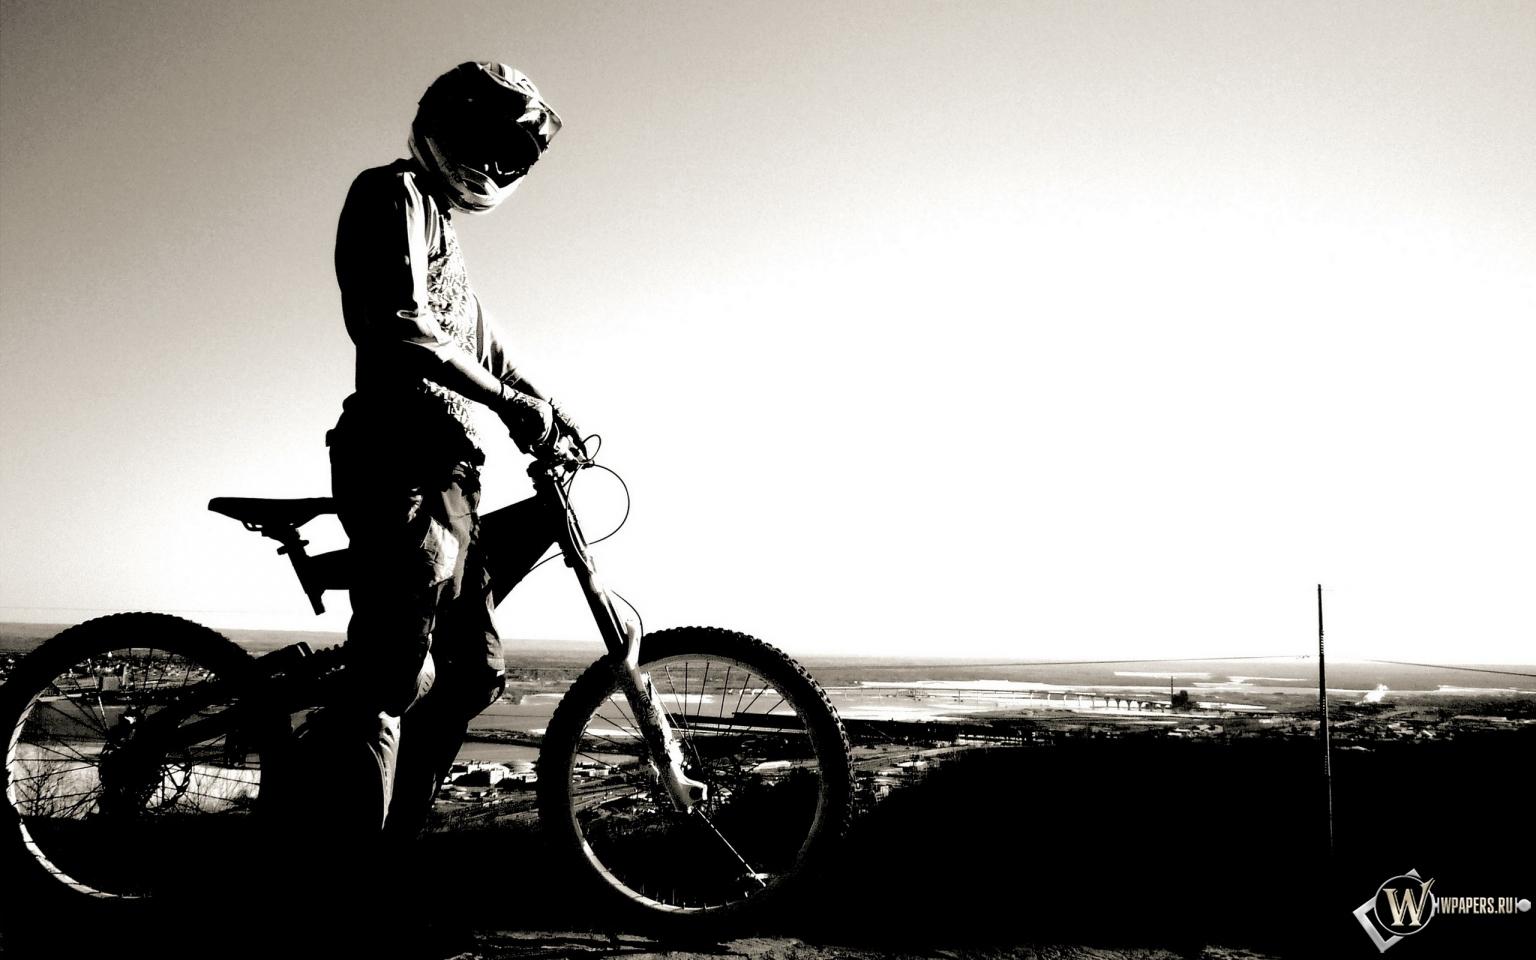 Велосипедист 1536x960